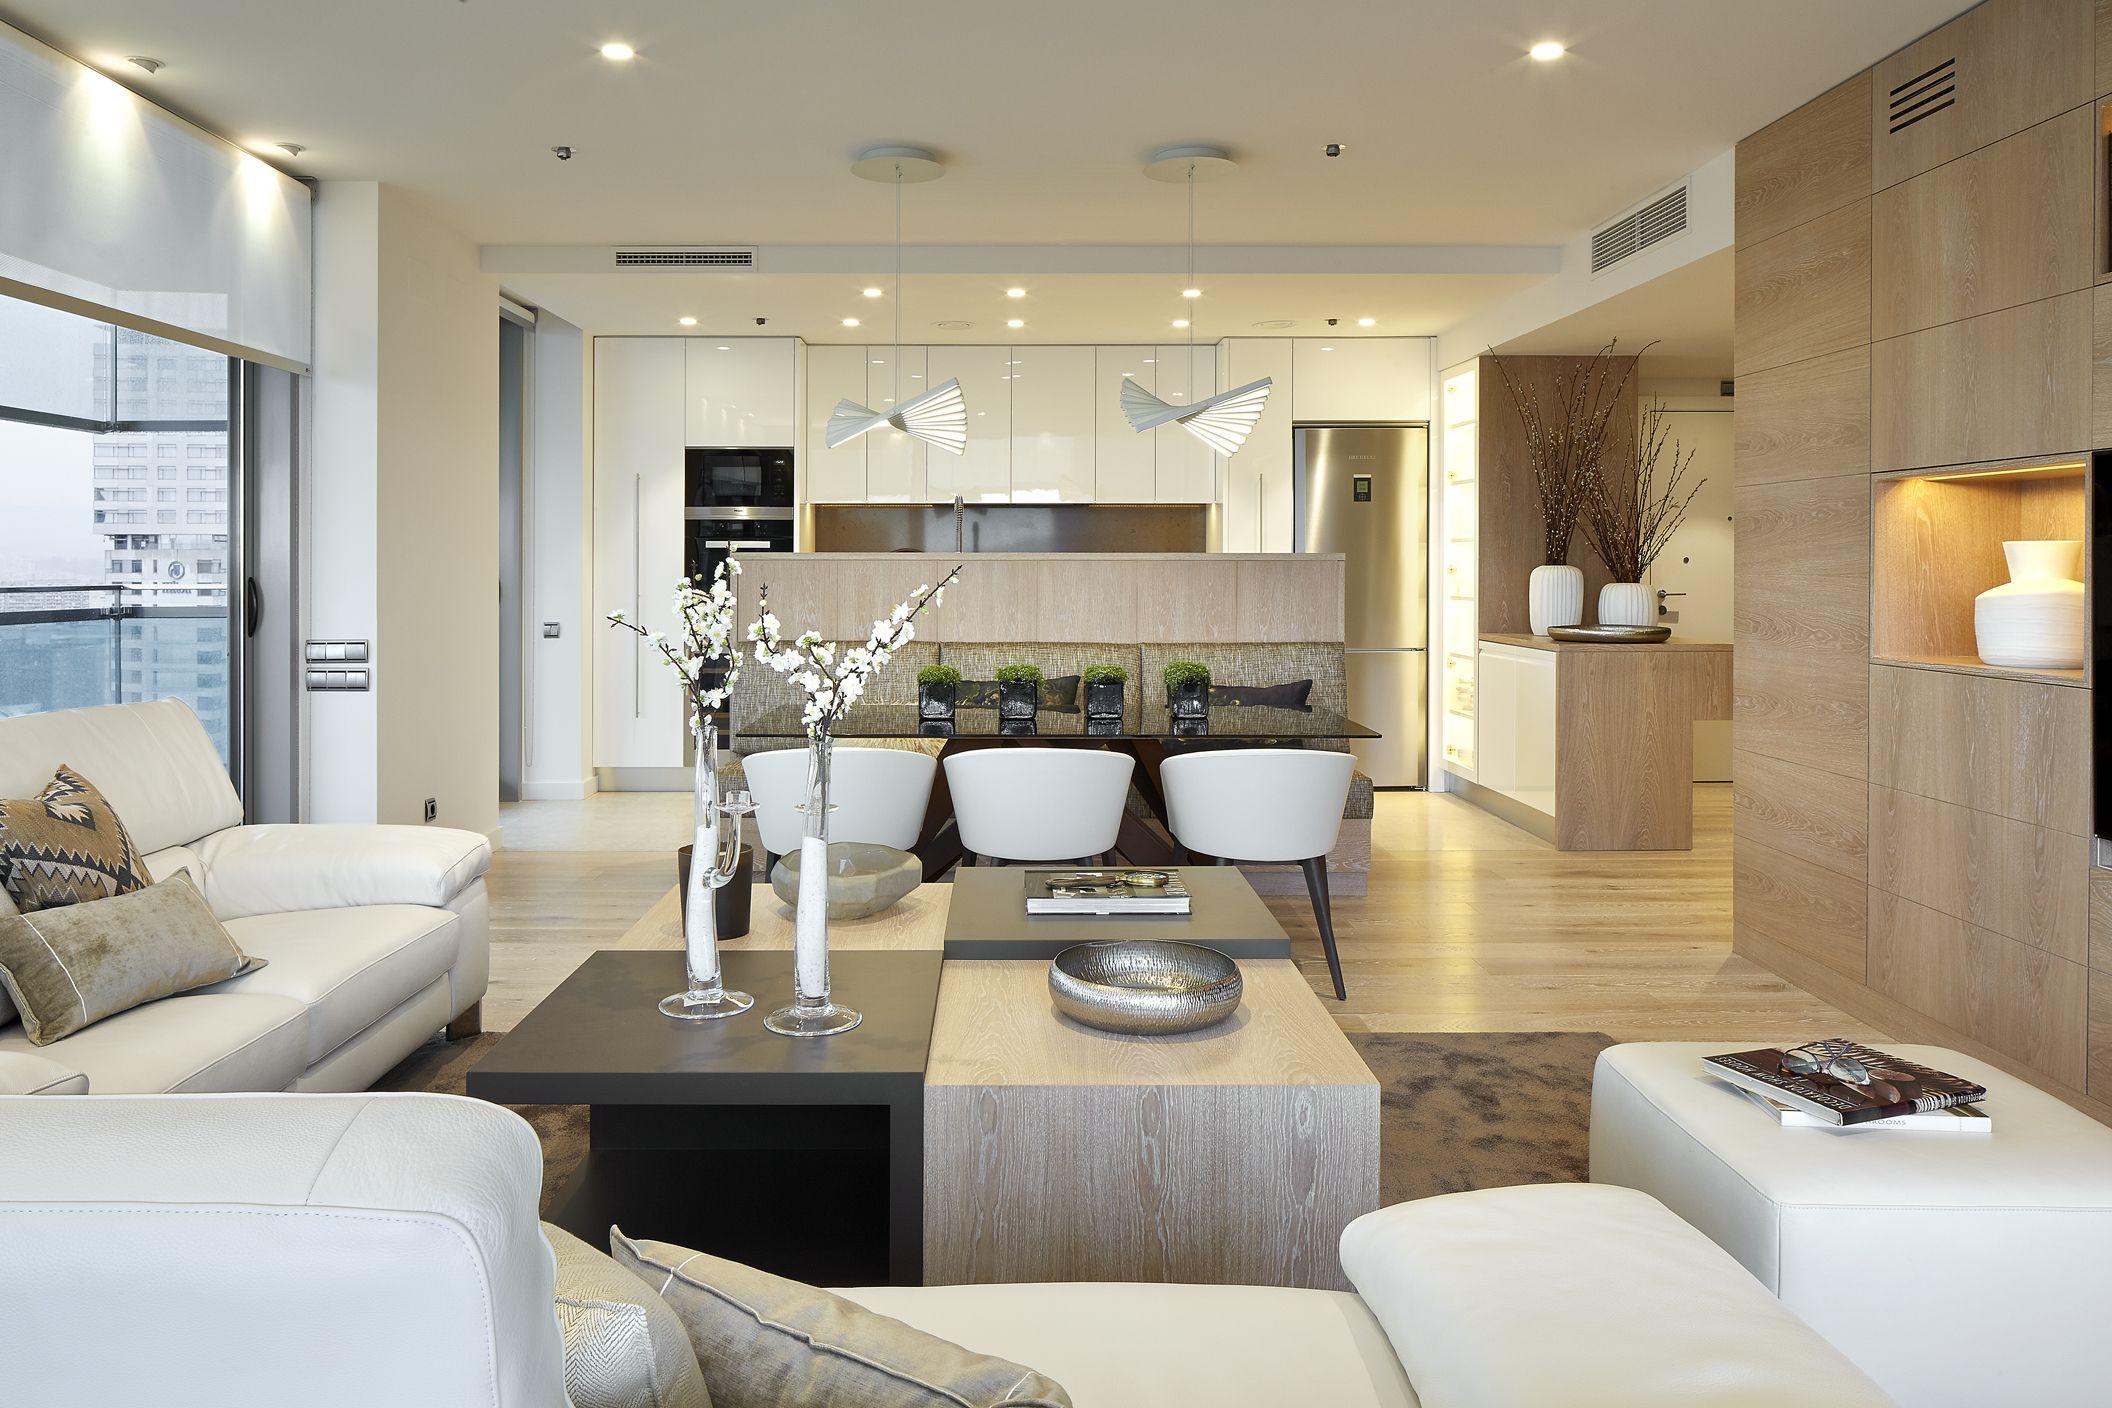 Molins interiors arquitectura interior interiorismo - Interiorismo de salones ...